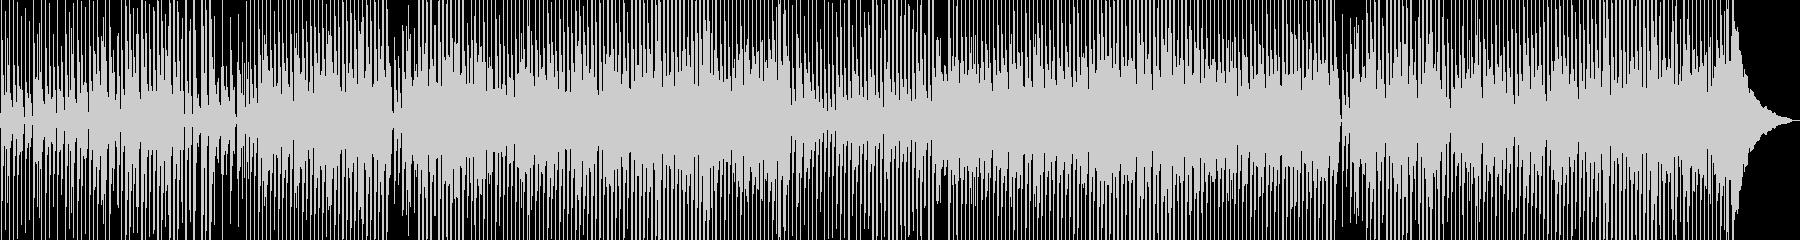 きらきらポップな軽快ミュージックの未再生の波形